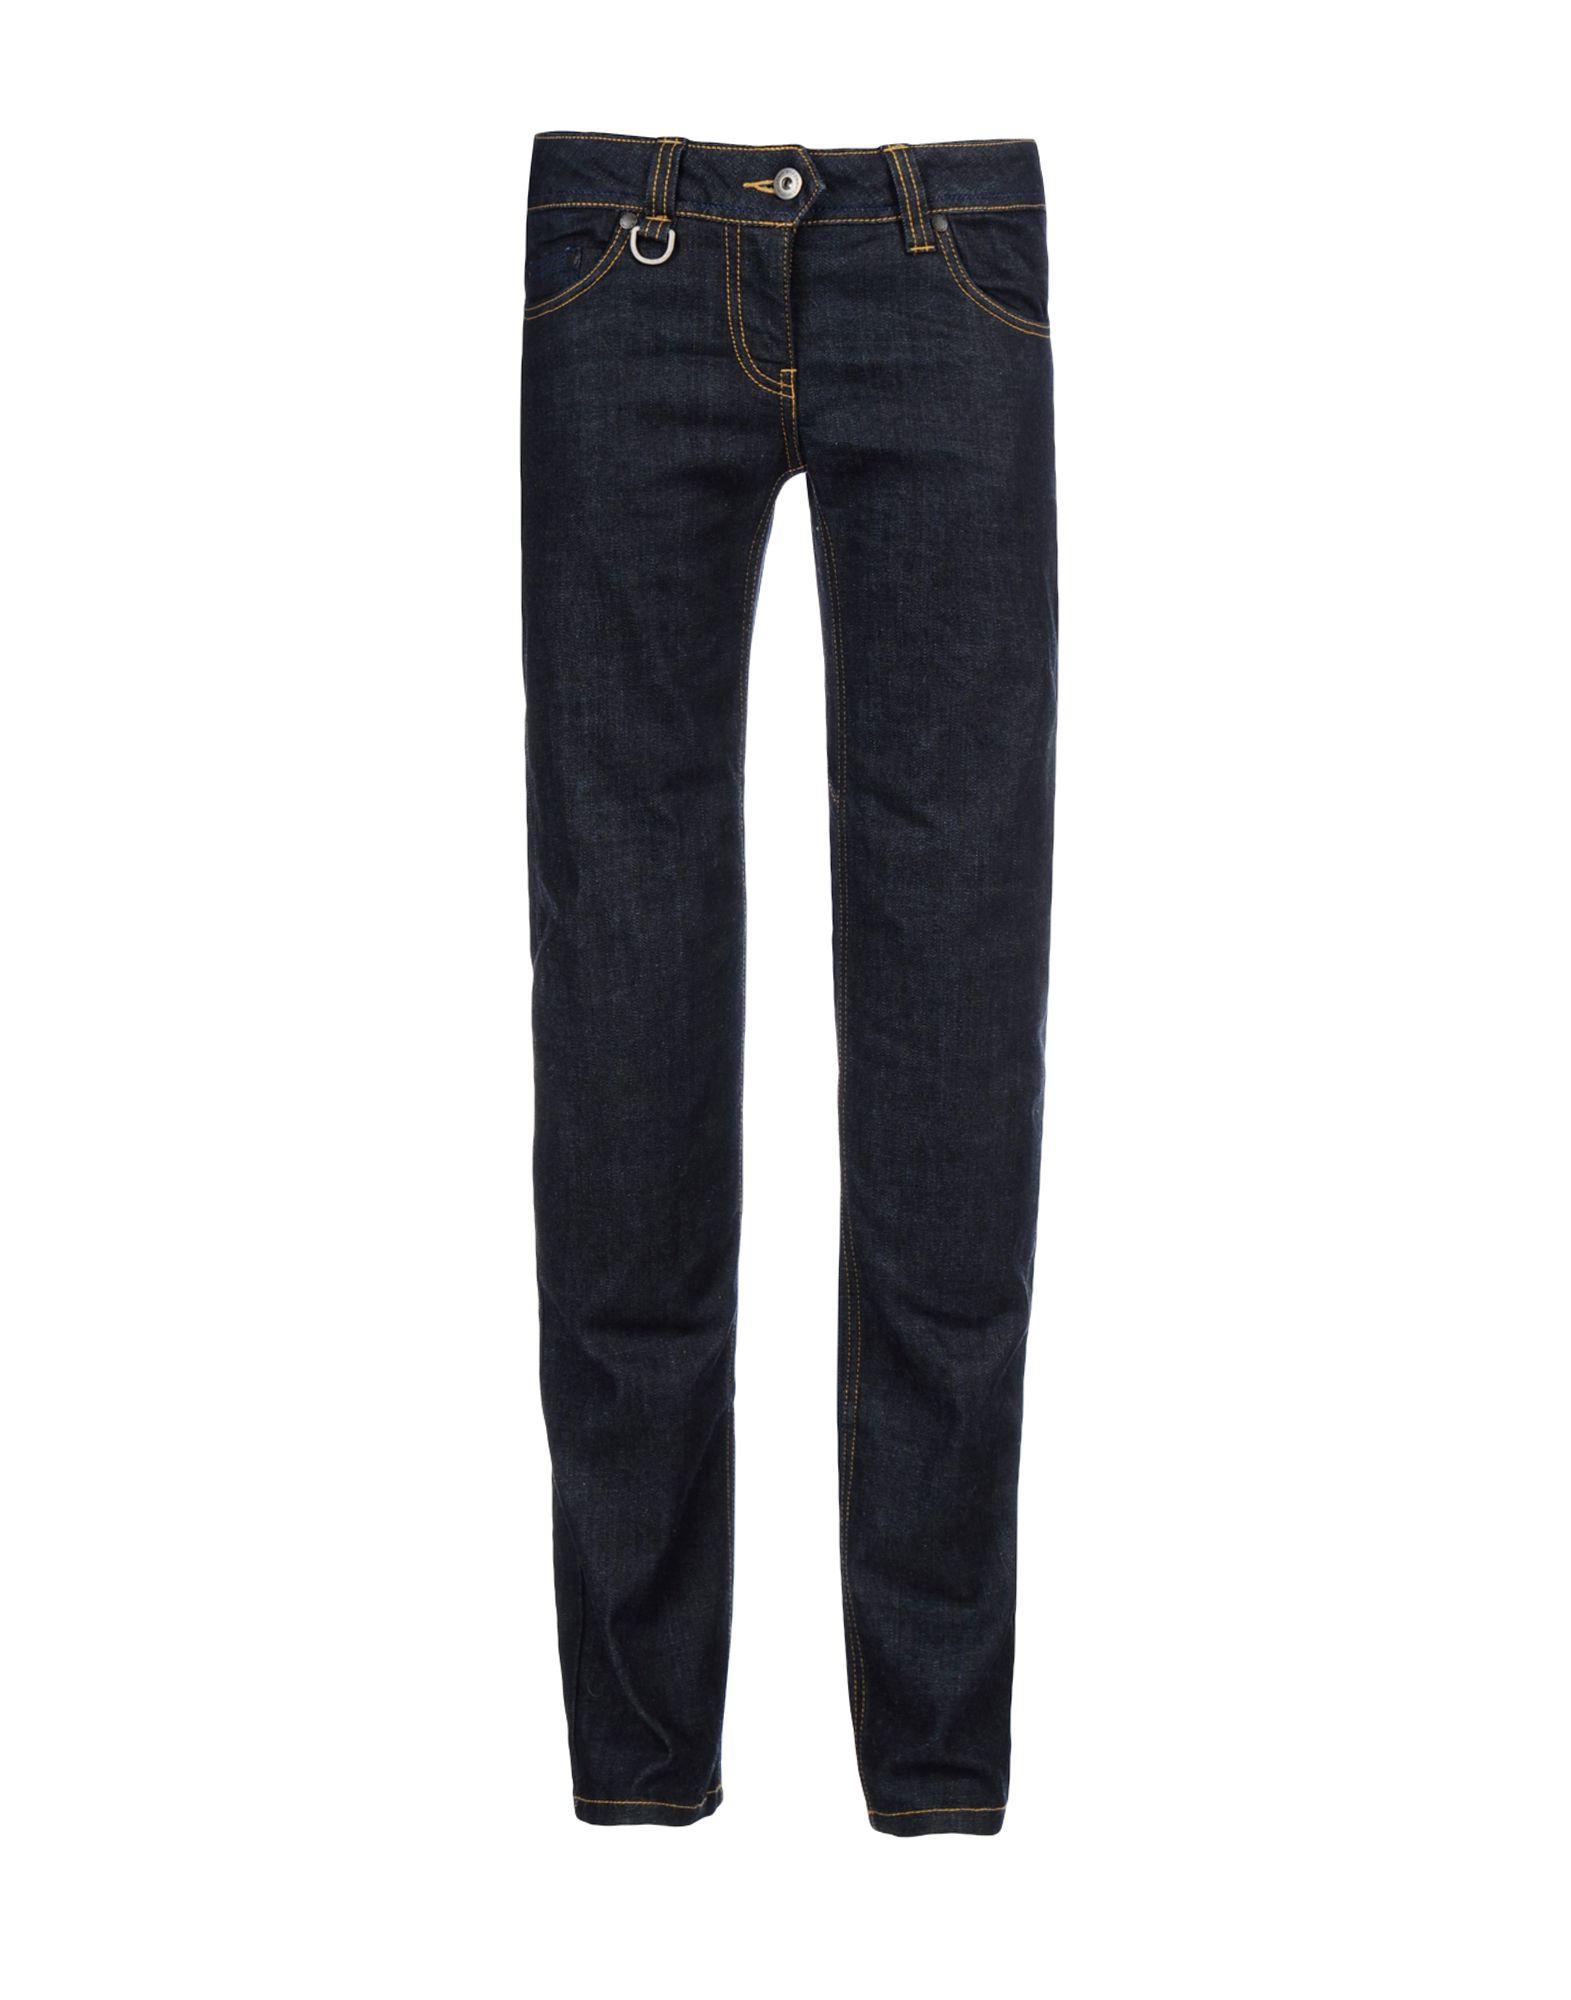 шорты для мальчика джинсовые интернет магазин